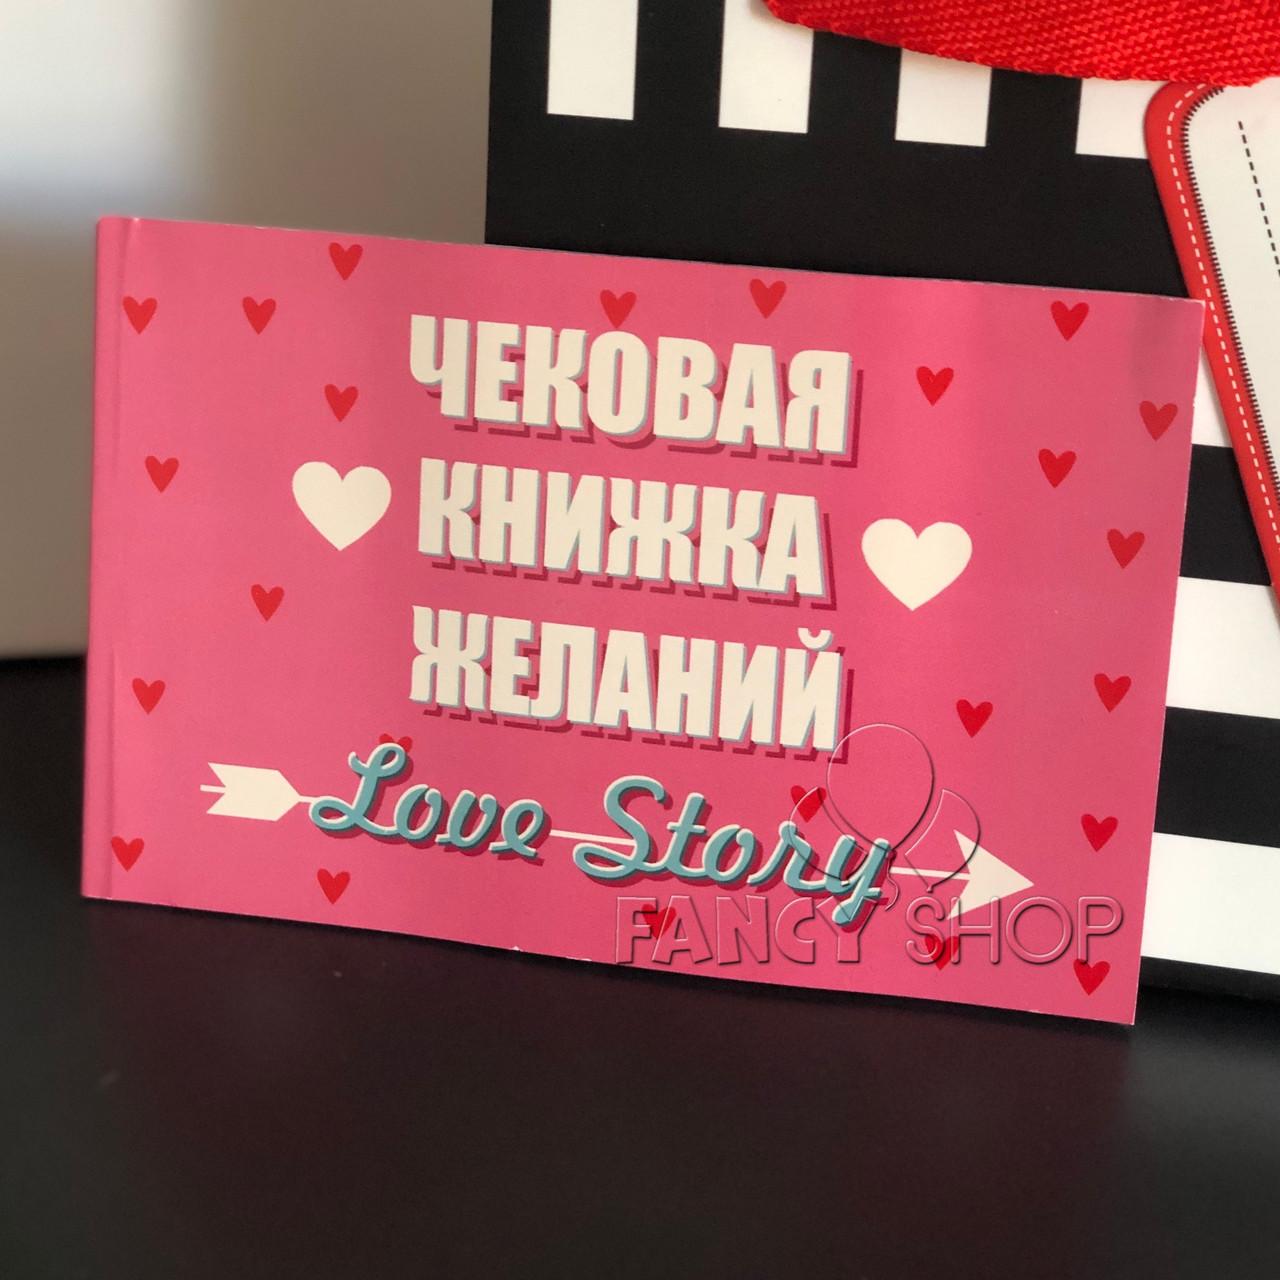 """Чекова книжка бажань """"Любовна історія. Love story"""", рос., Чековая книжка желаний """"Лав стори"""""""